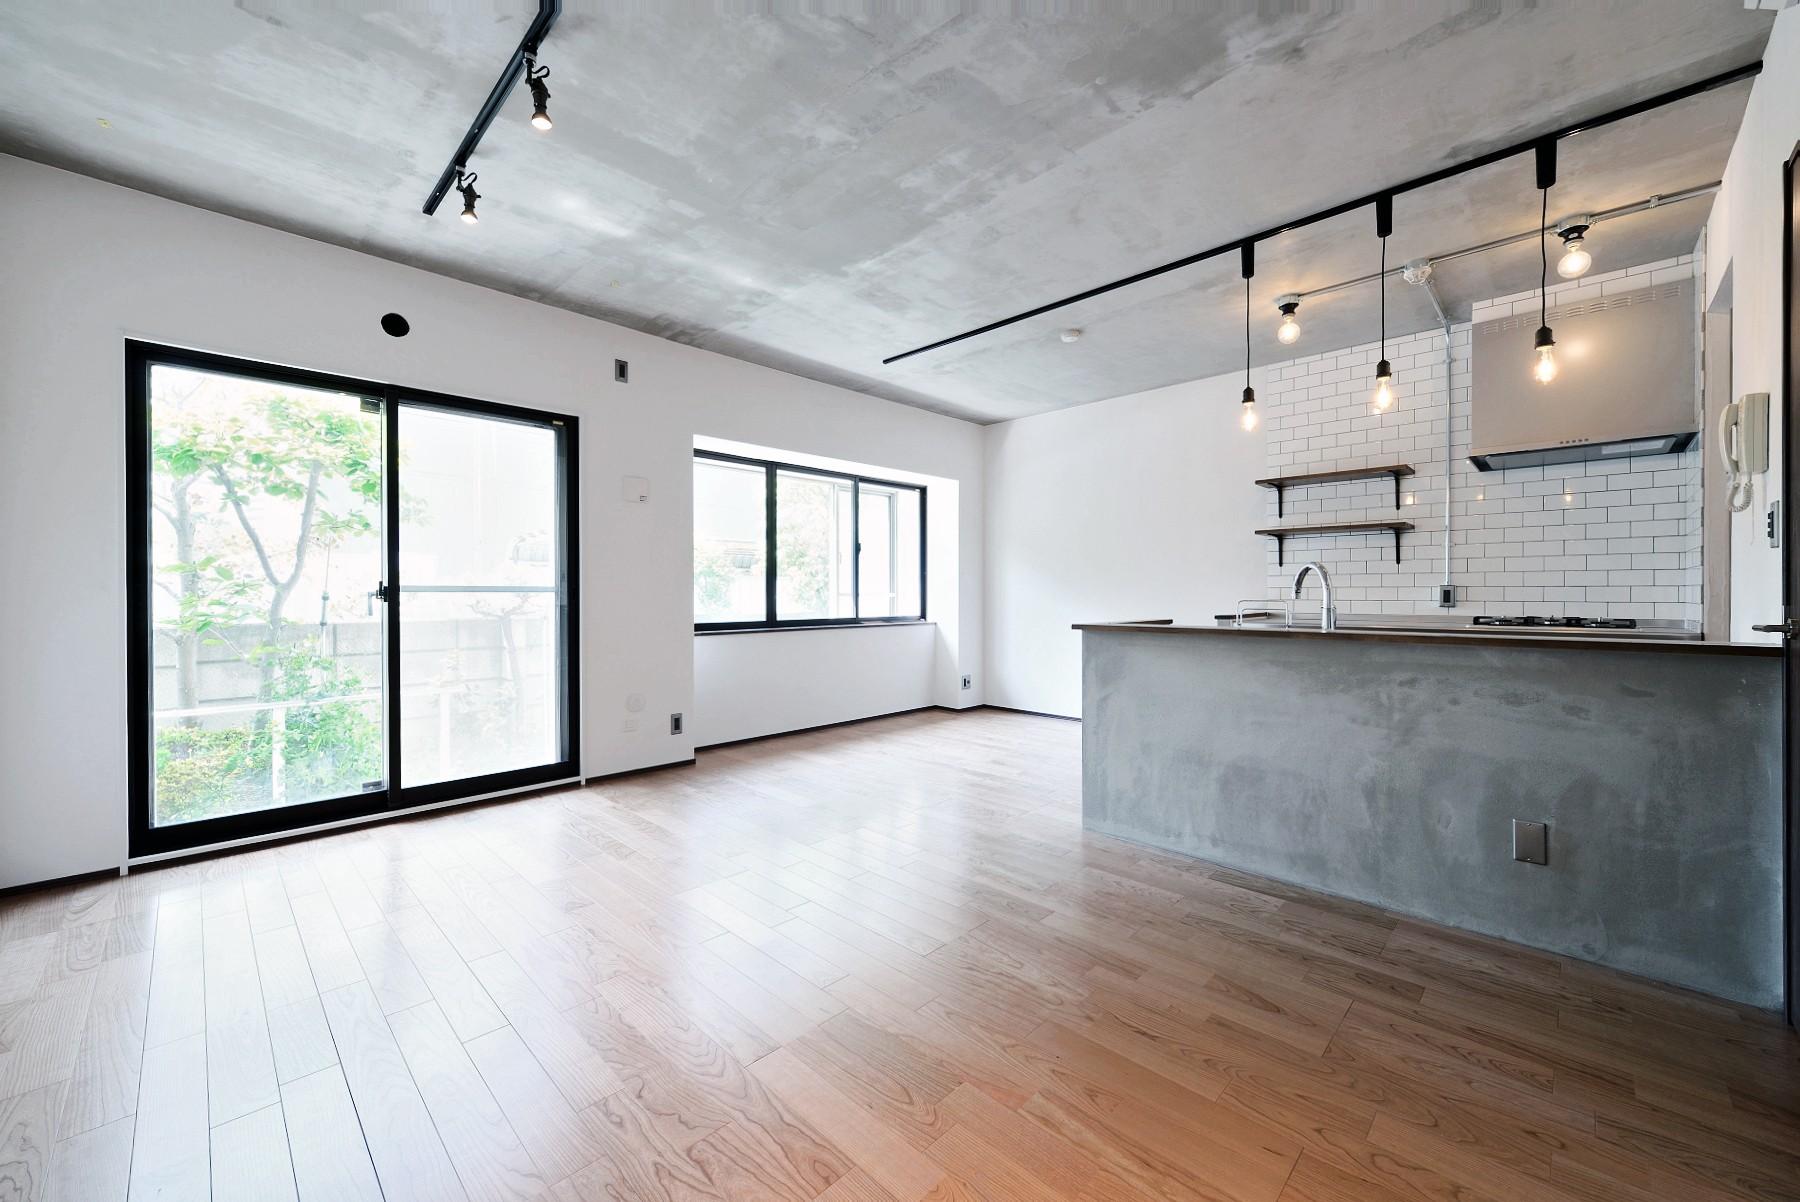 リビングダイニング事例:リビング・掃きだし窓(壁・天井もキッチンカウンターもモルタル仕上げの無骨でラフなマンションリノベーション)